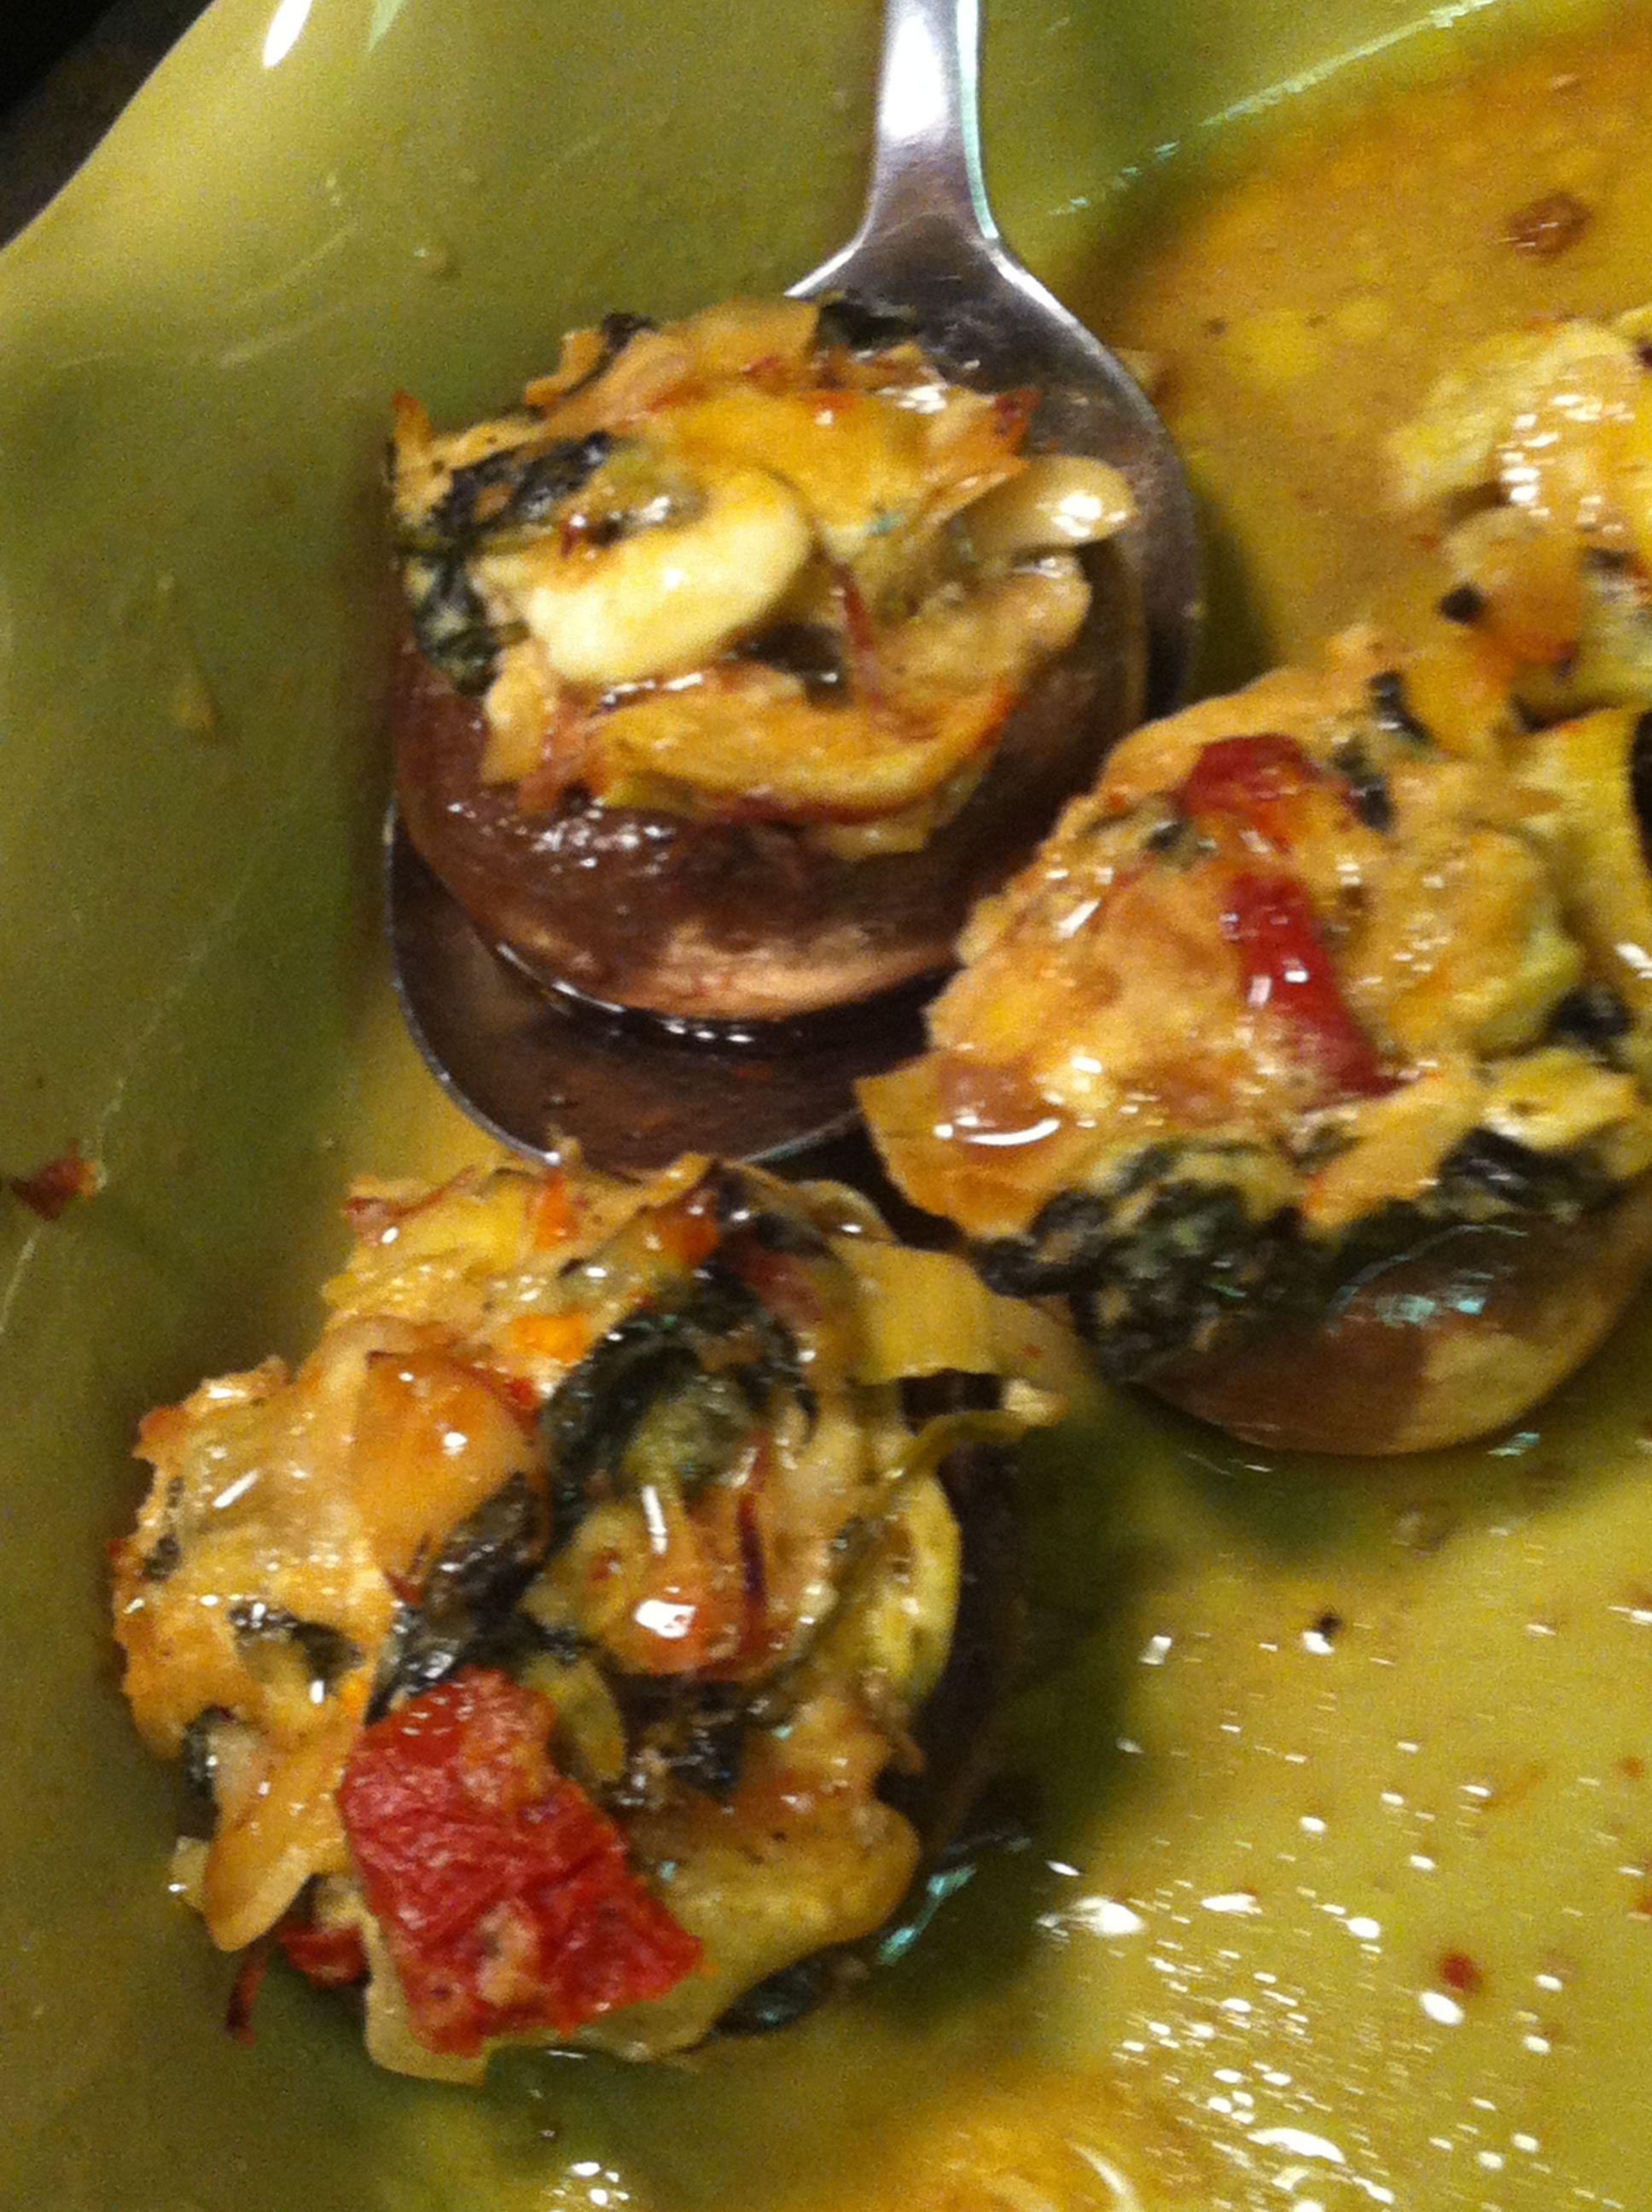 Artichoke and sun dried tomato stuffed mushrooms - stuff mushrooms with leftover artichoke dip! Too easy